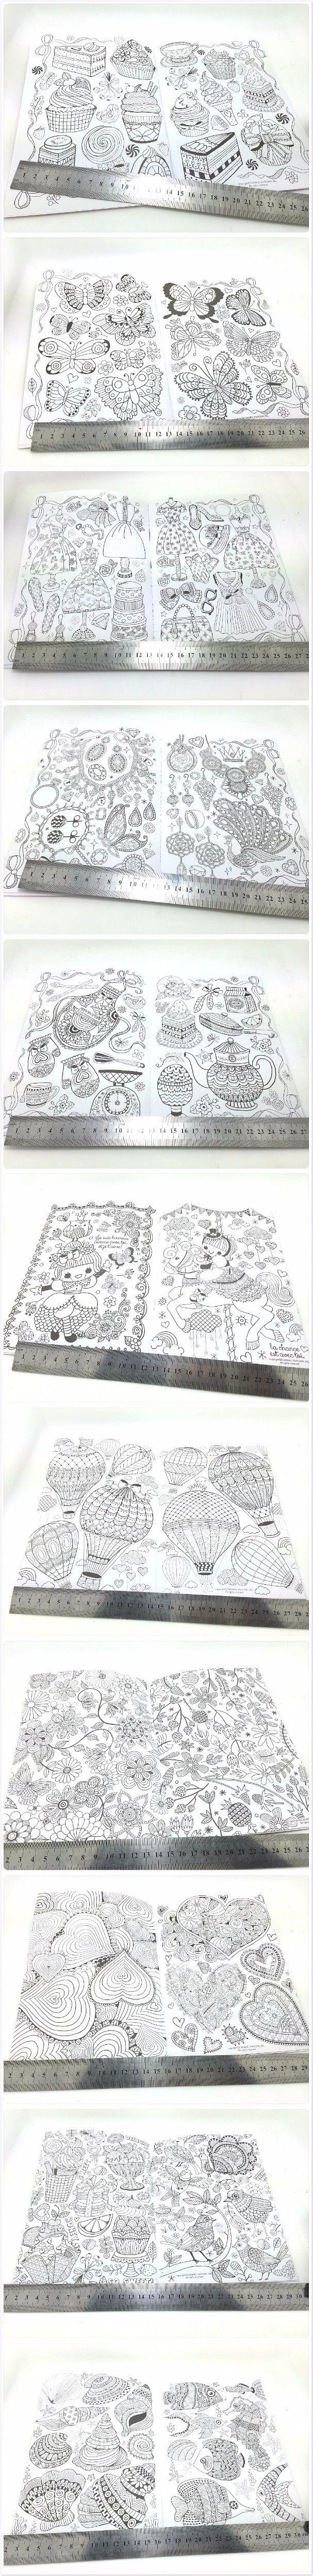 A5 секретный сад в Inky охота за сокровищами книжка раскраска для детей взрослых снять стресс убийство срок граффити живопись рисунок книга купить на AliExpress